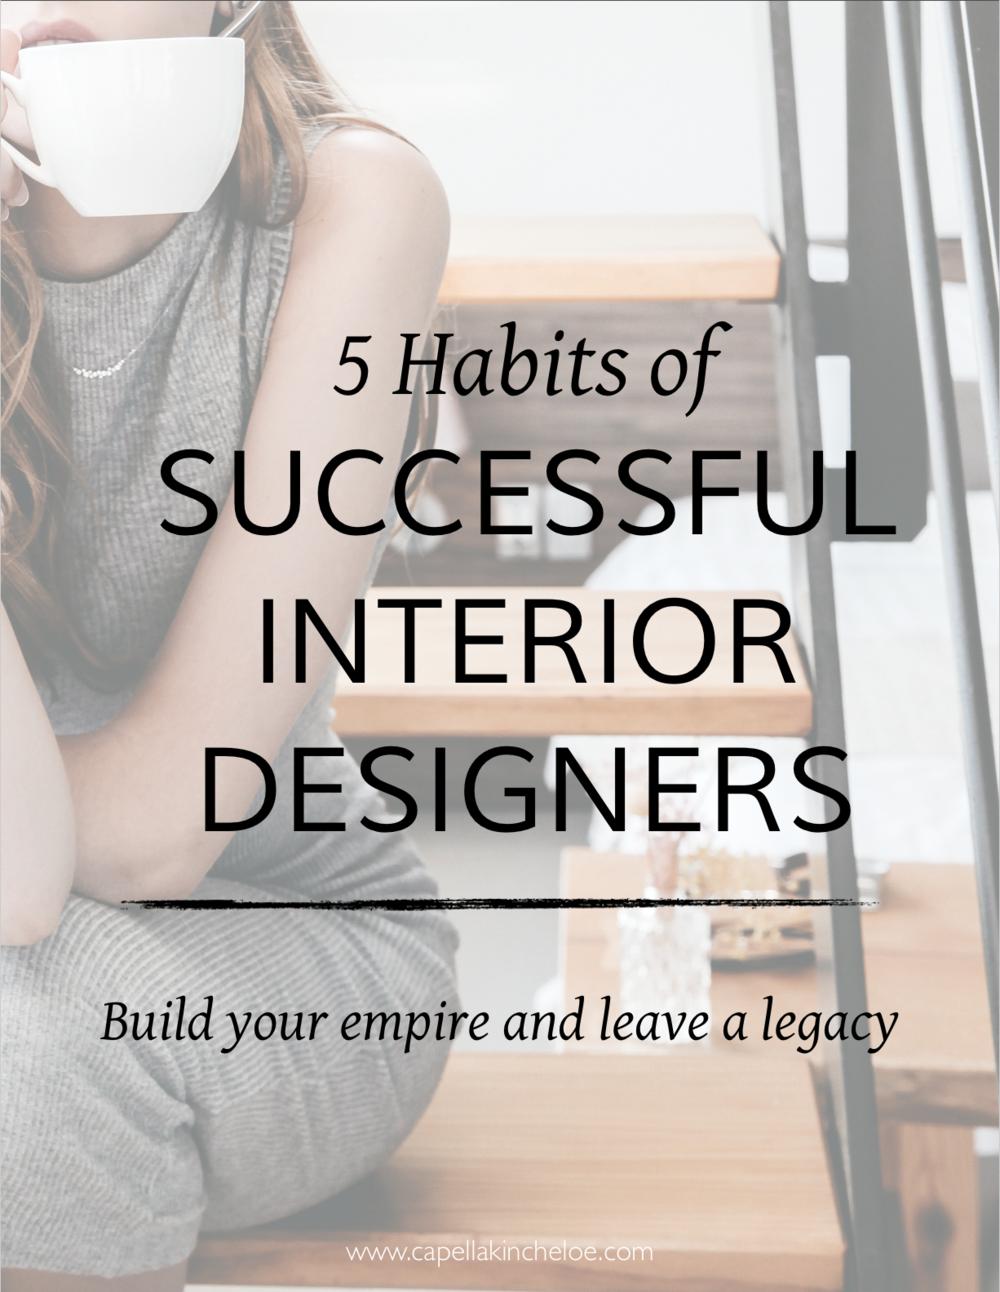 5 habits of successful interior designers capella kincheloe rh capellakincheloe com how to become a successful interior designer how to become a successful interior designer in india